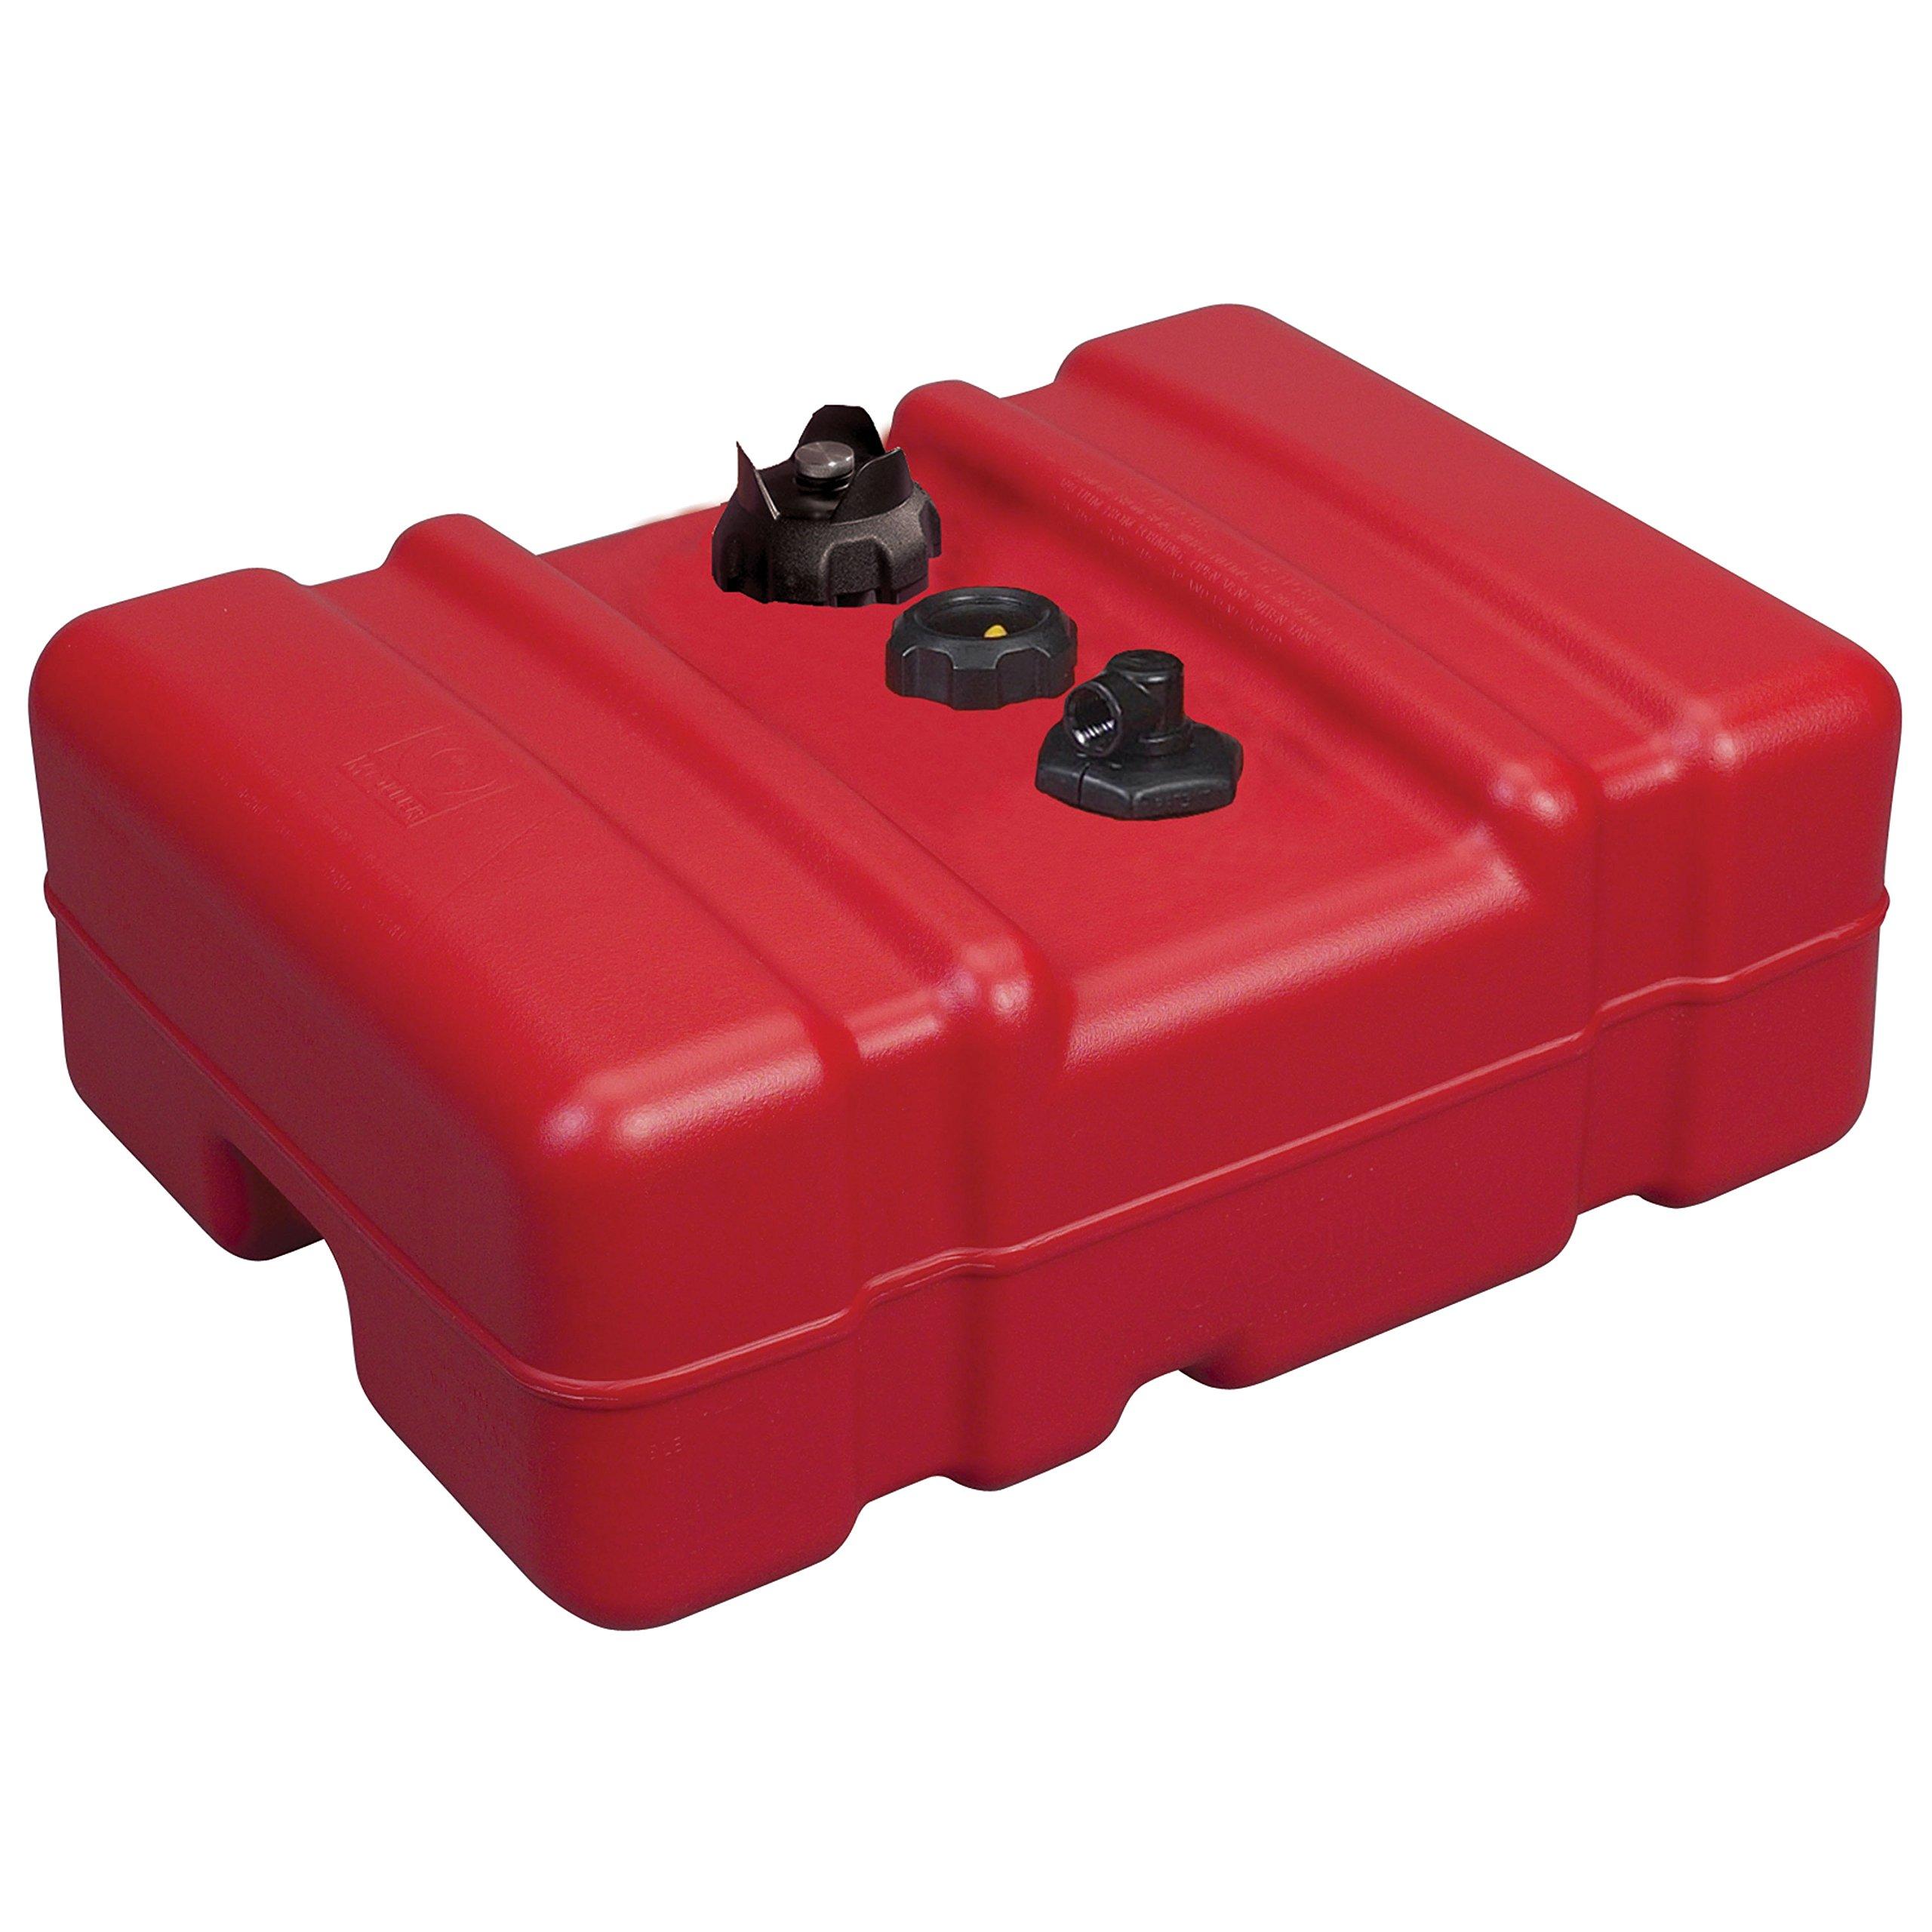 Moeller 630013LP Low Profile Portable Fuel Tank - 12 Gallon